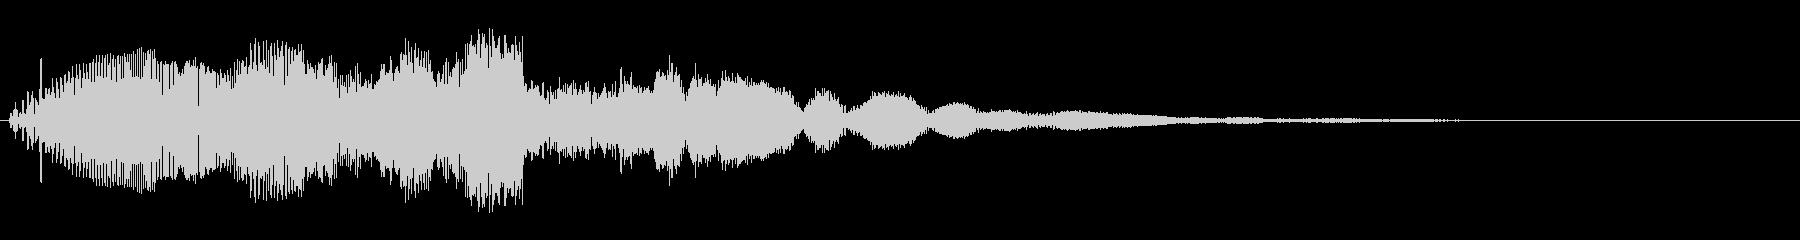 キランというかわいい音です。の未再生の波形